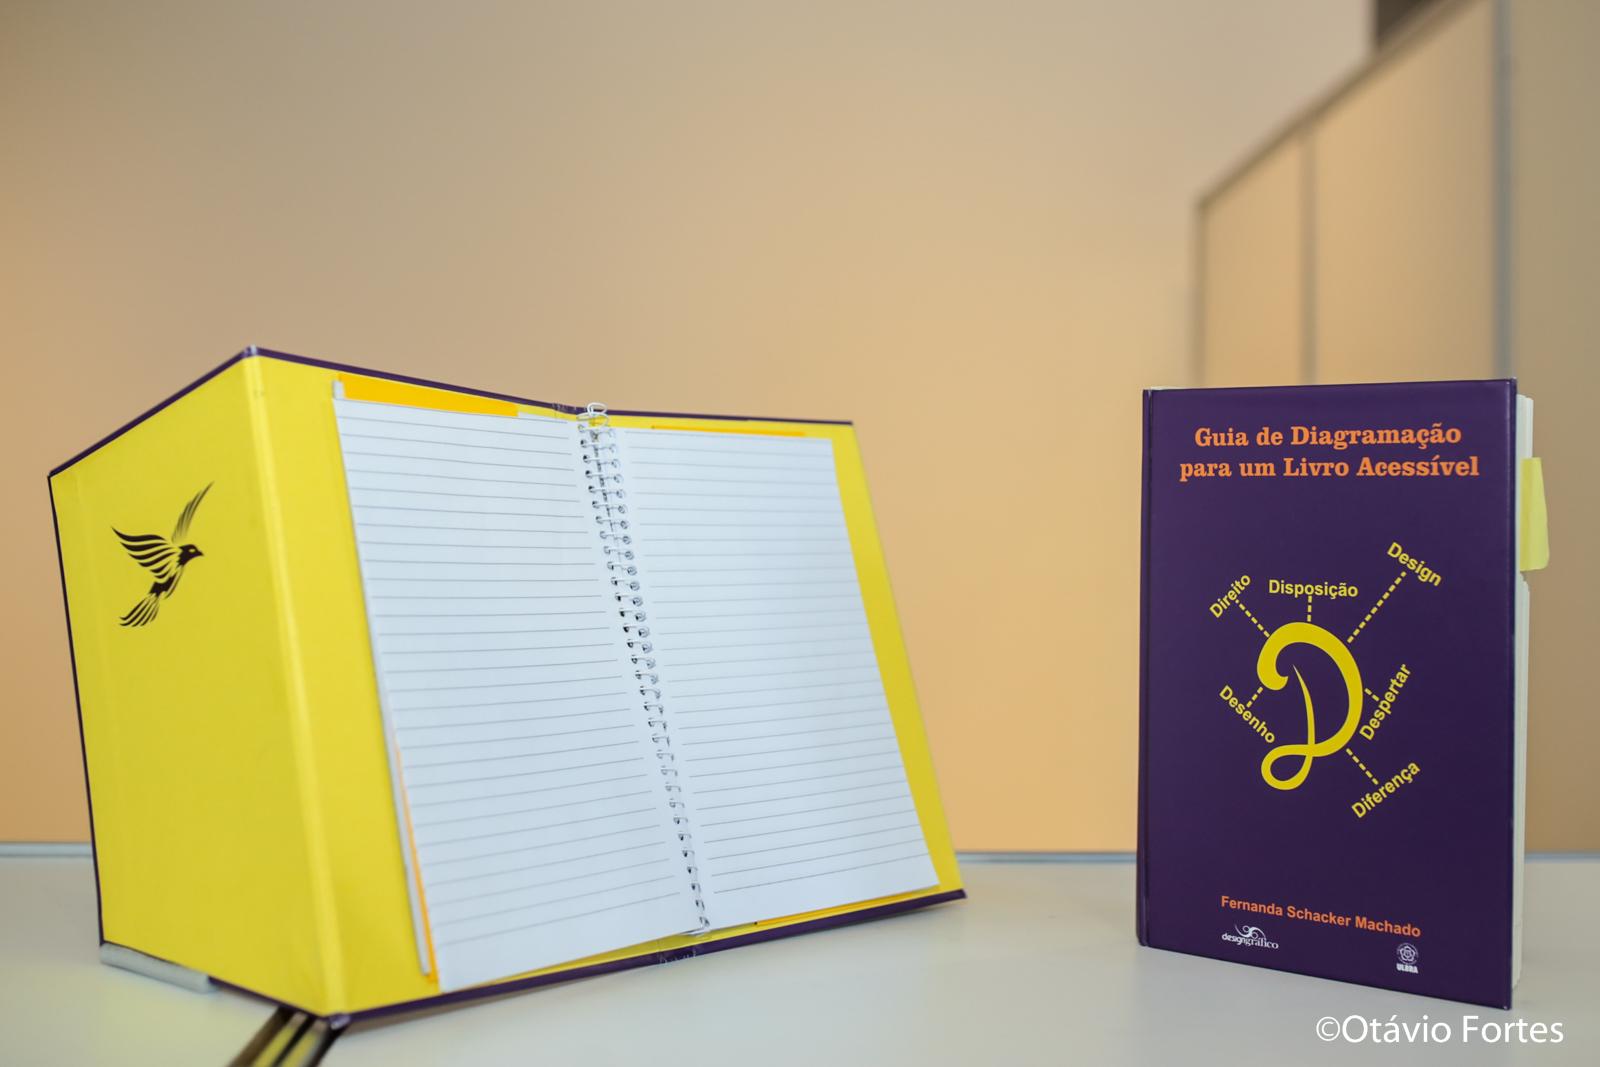 Livro criado por designer com Síndrome de Down